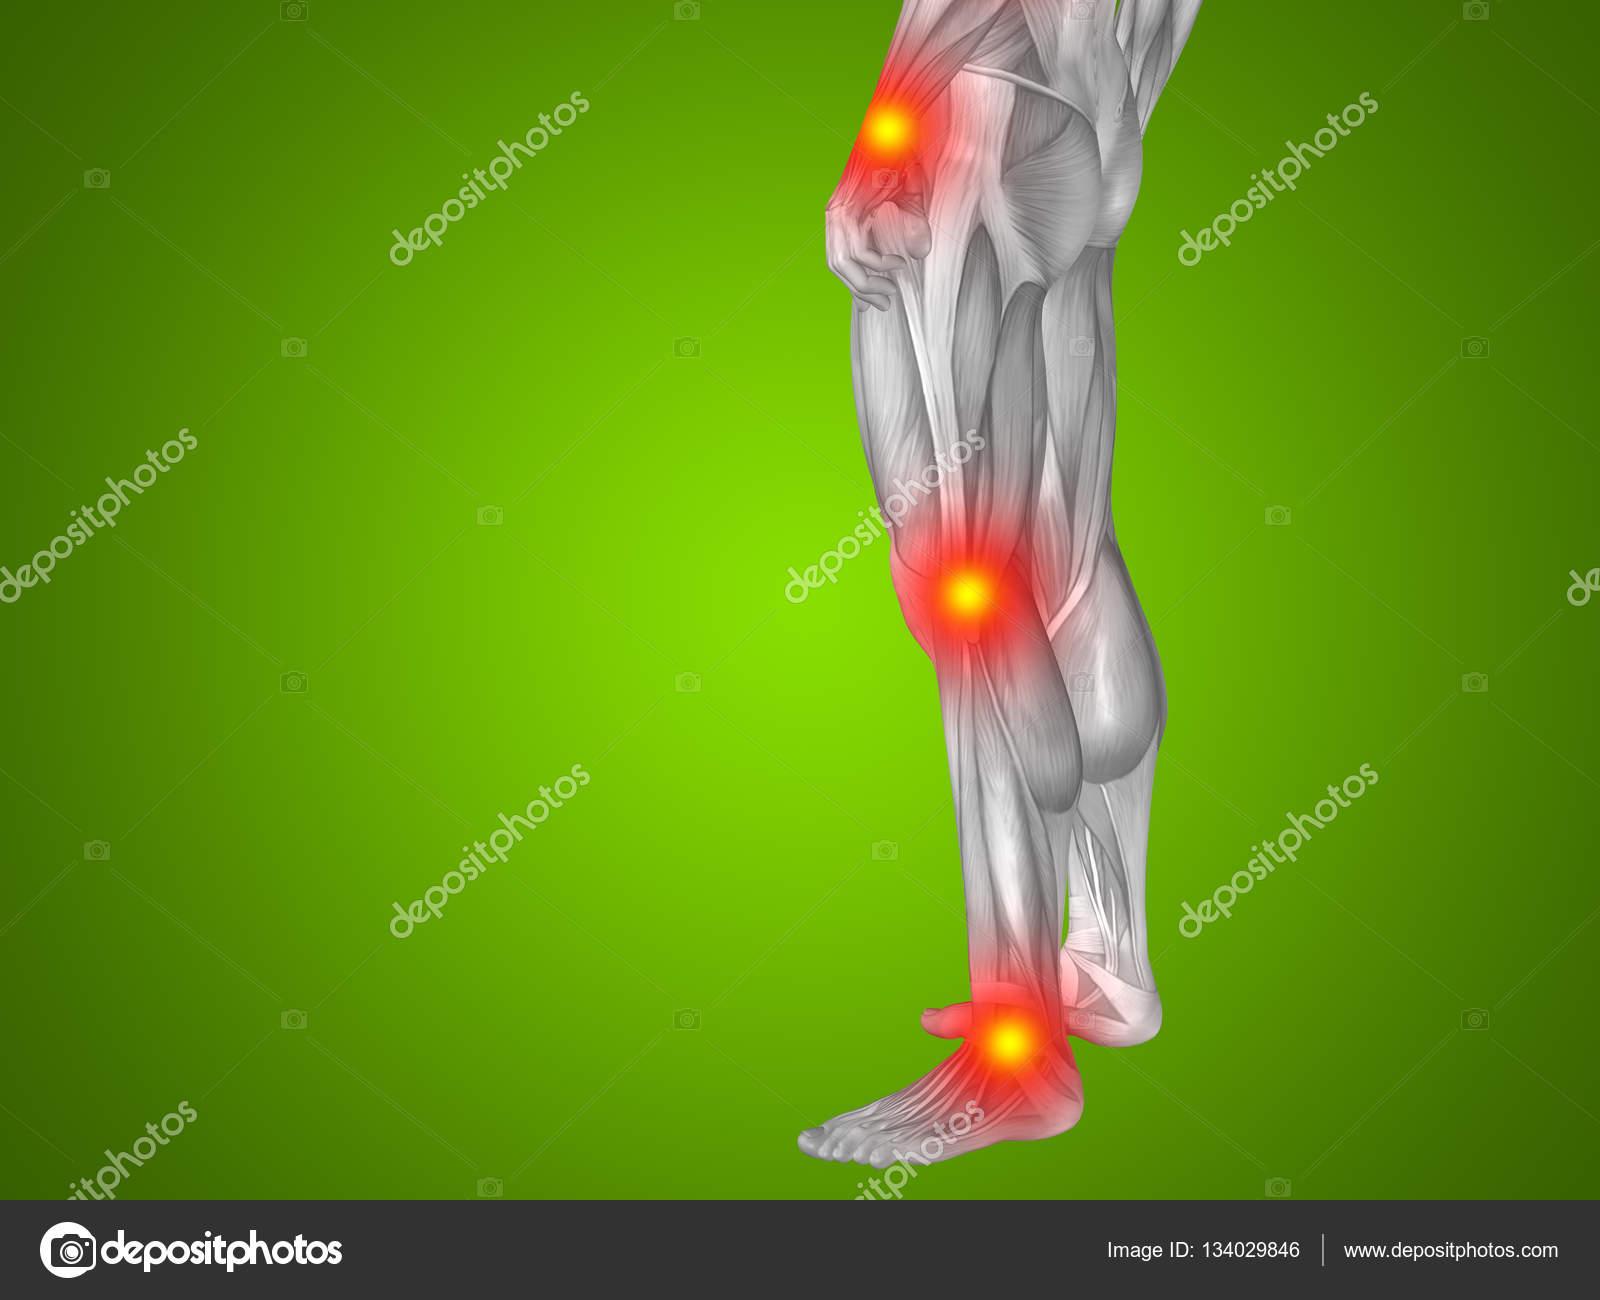 Mann menschlich Anatomie Unterkörper — Stockfoto © design36 #134029846